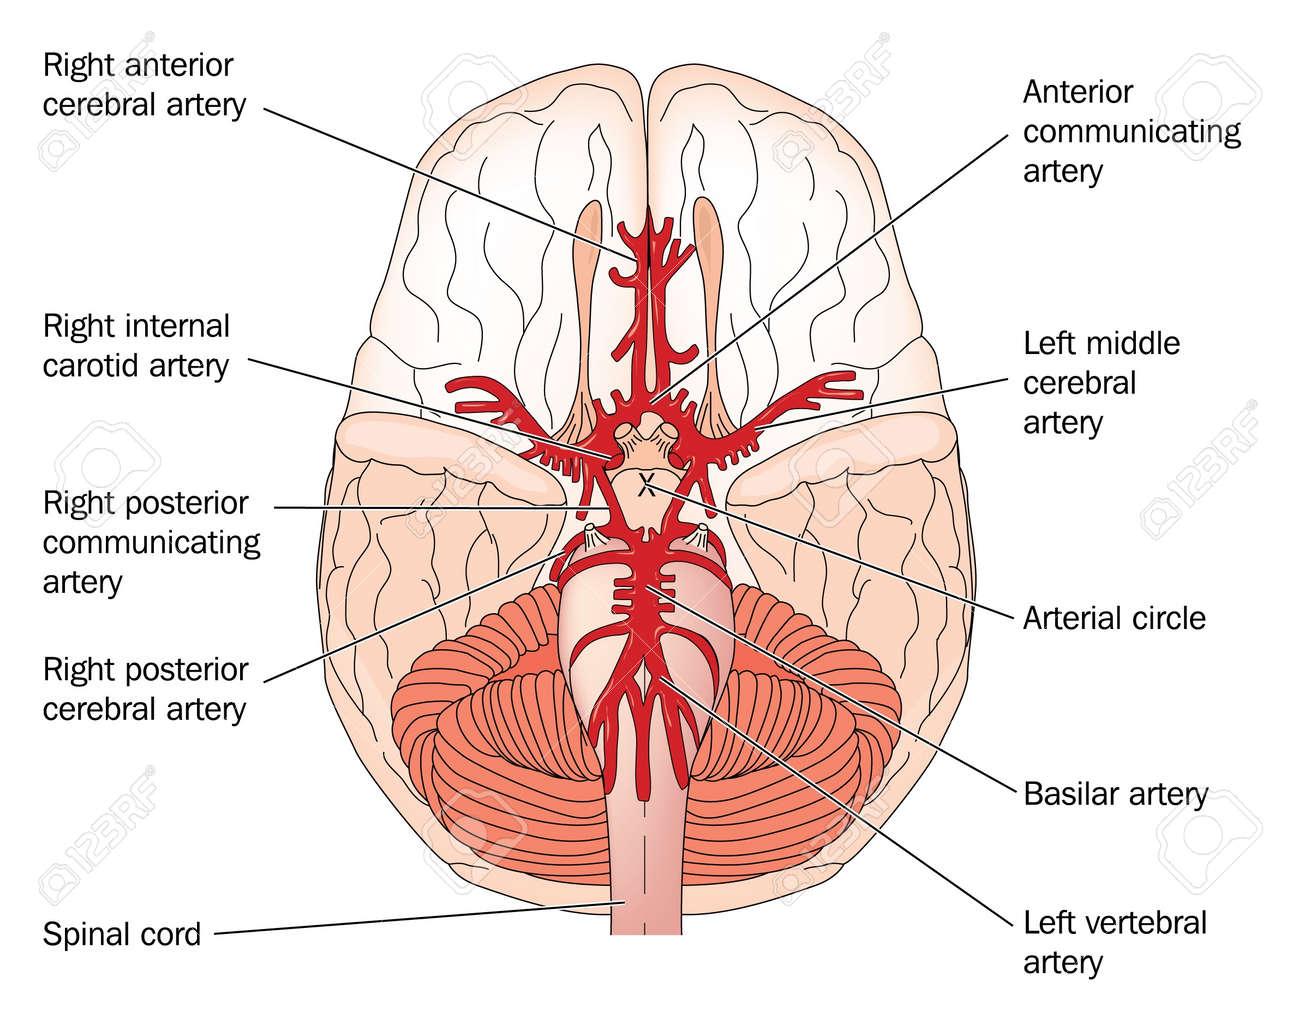 Dibujo De Los Vasos Sanguíneos En La Base Del Cerebro Llamada El ...